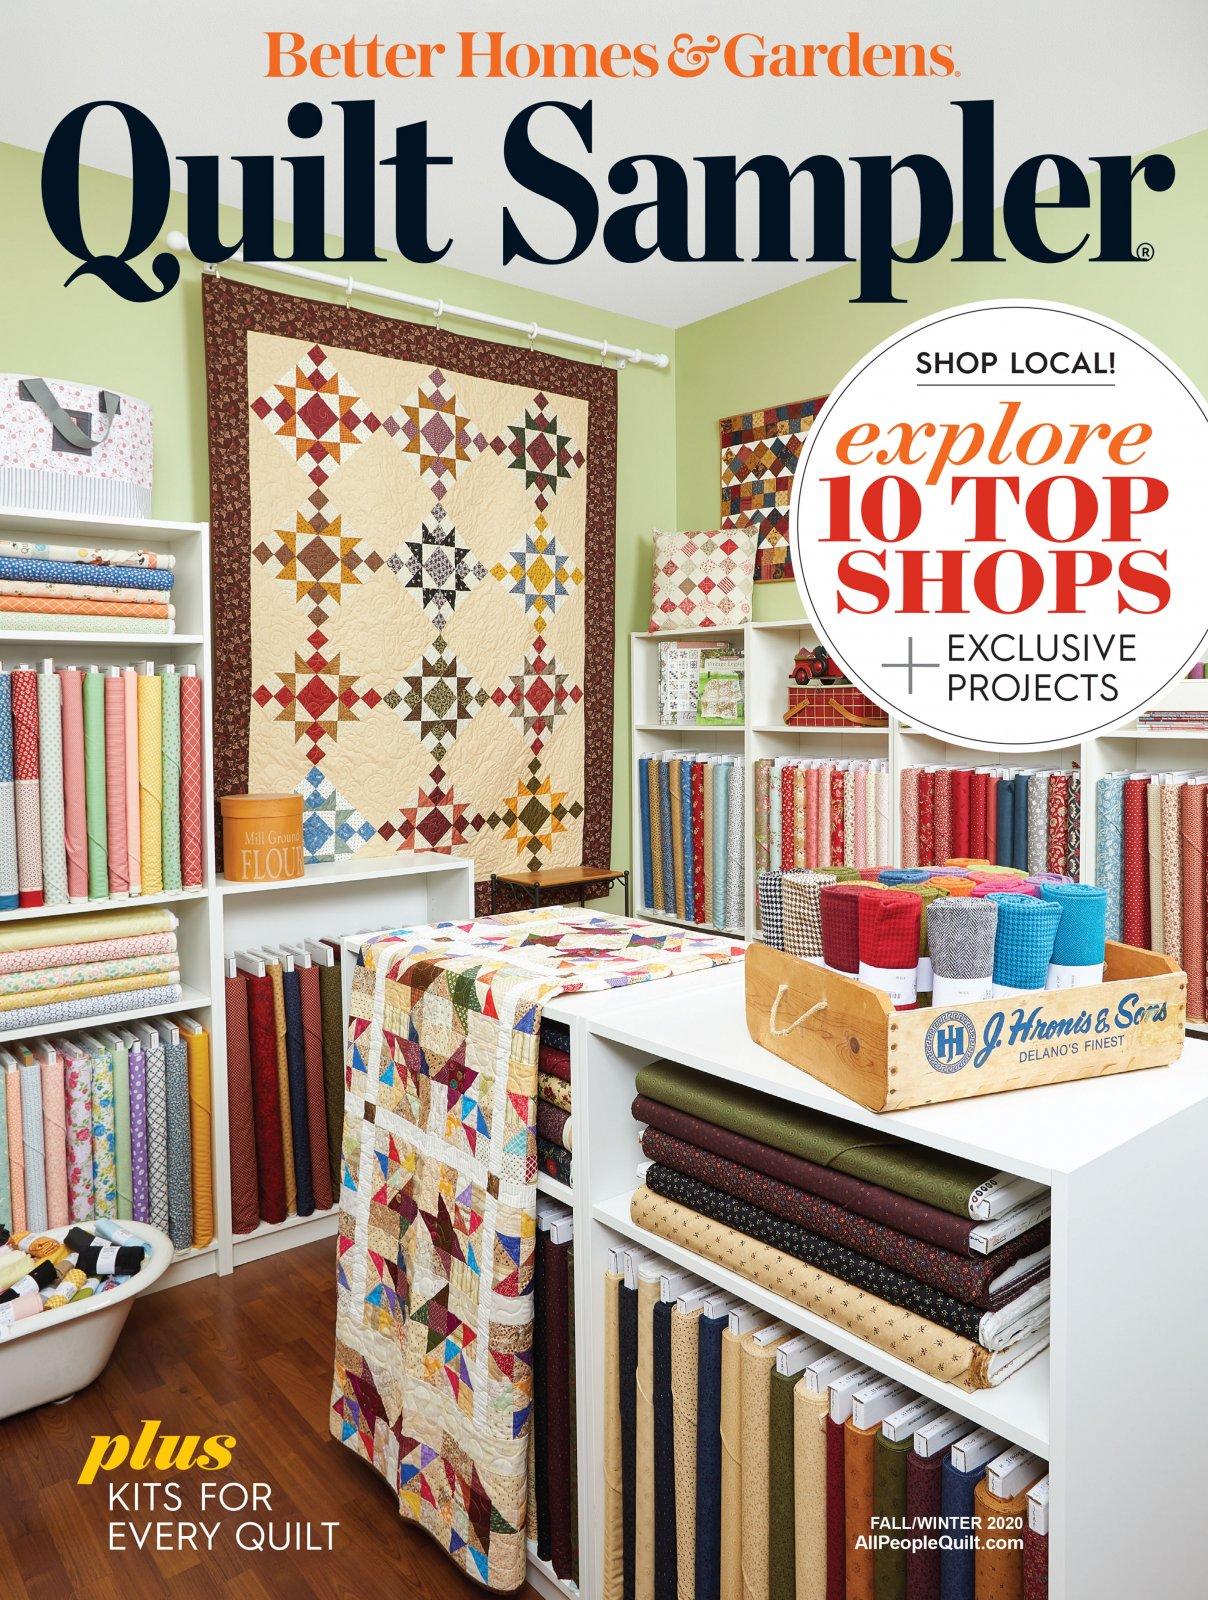 Quilt Sampler Magazine Fall/Winter 2020